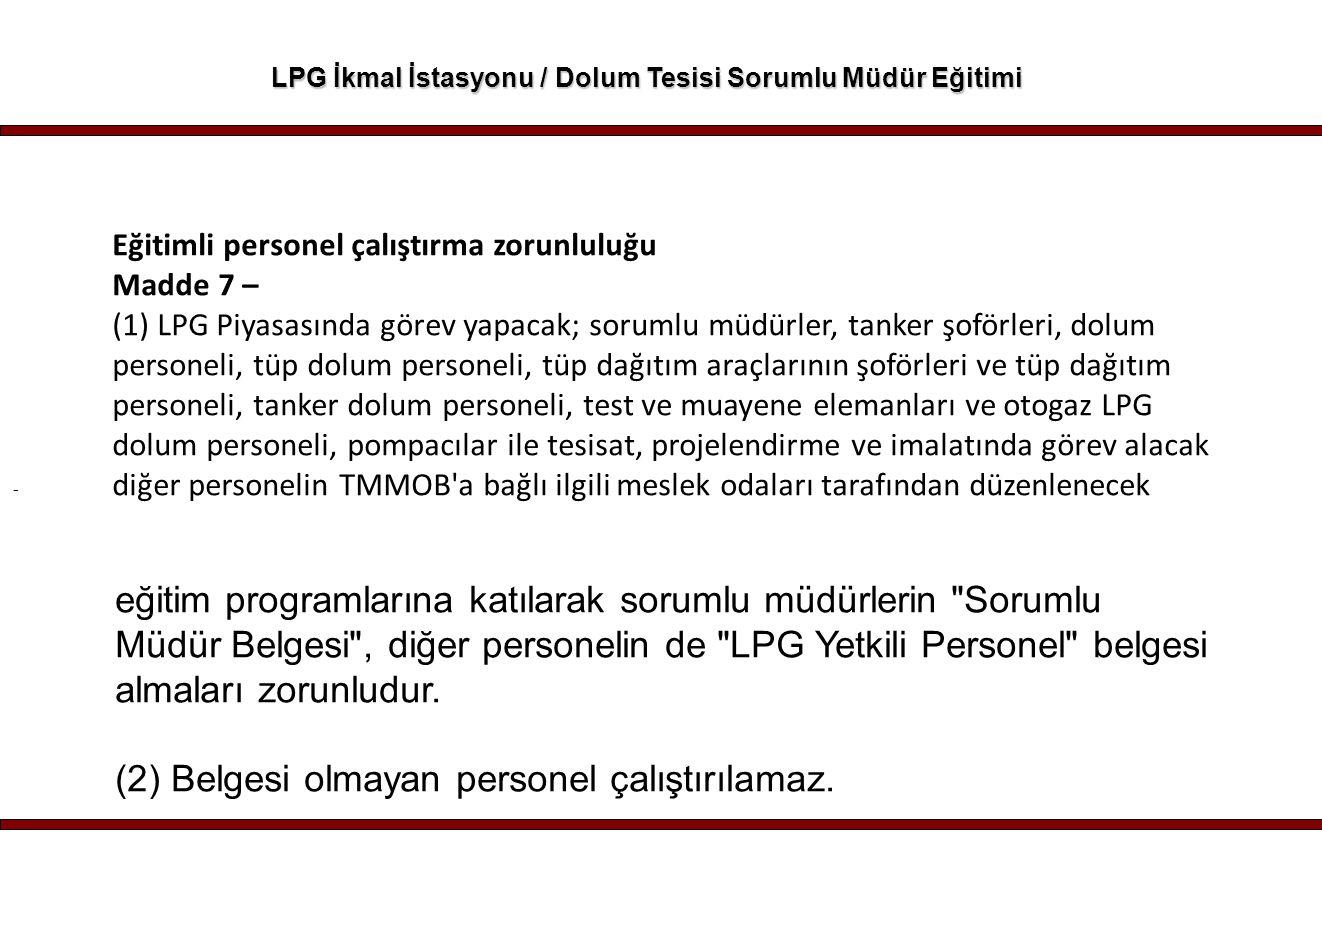 - LPG İkmal İstasyonu / Dolum Tesisi Sorumlu Müdür Eğitimi Eğitimli personel çalıştırma zorunluluğu Madde 7 – (1) LPG Piyasasında görev yapacak; sorum